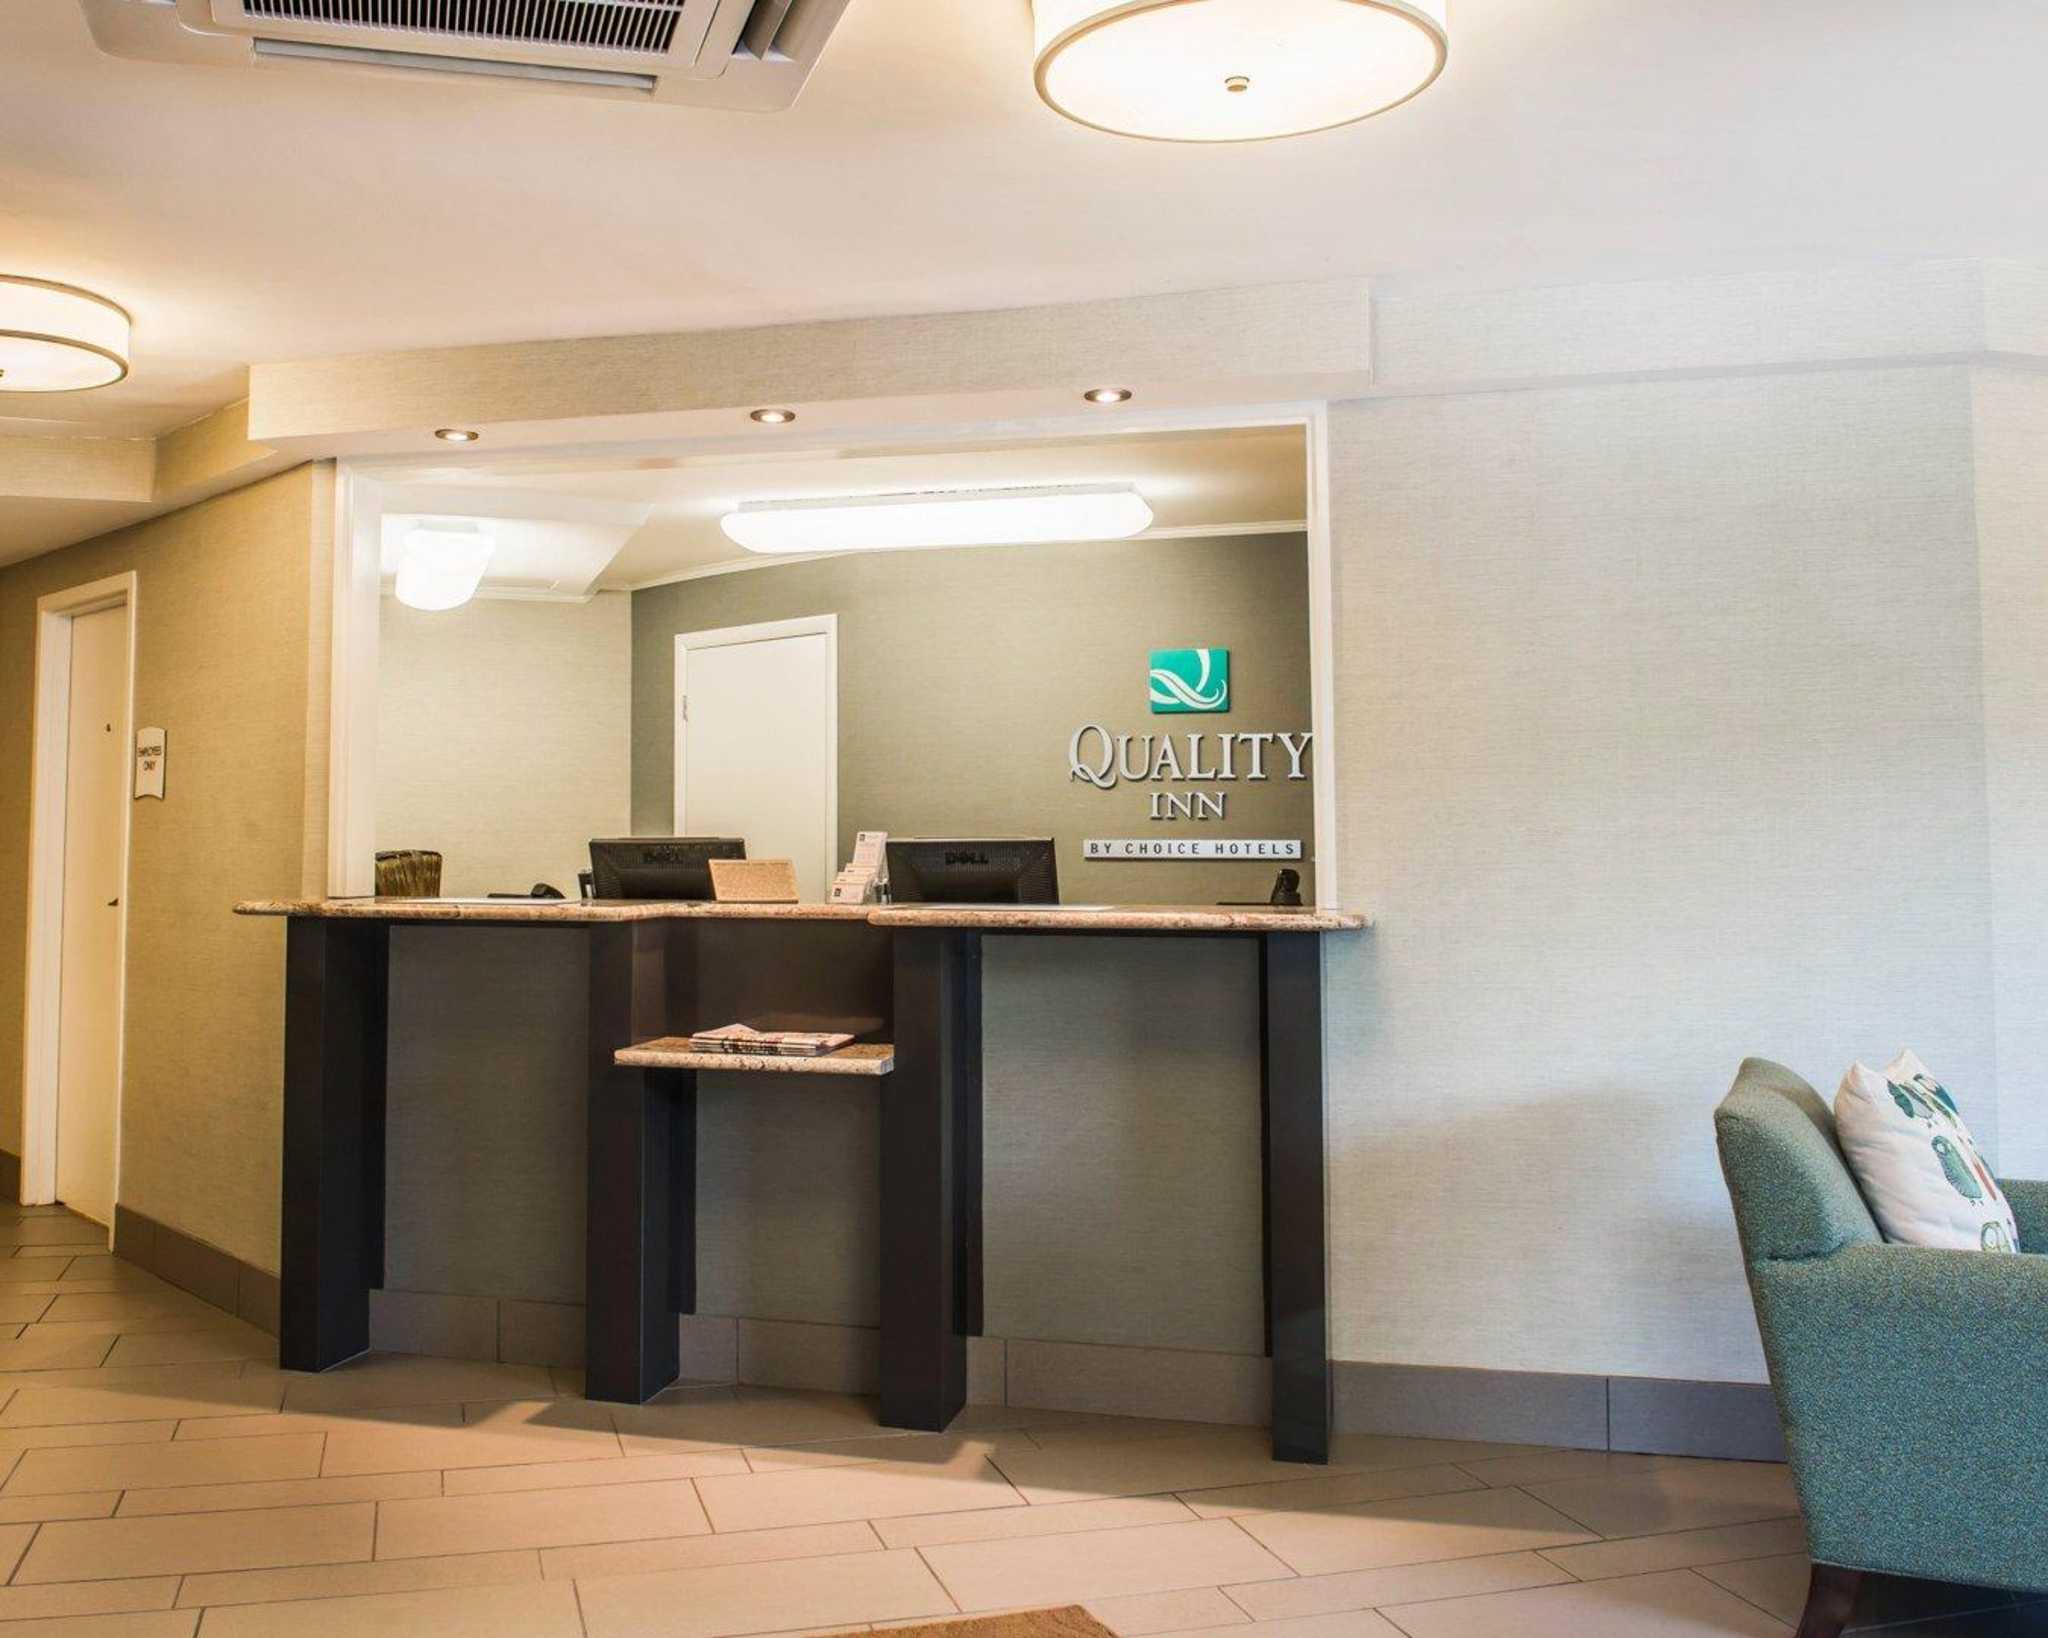 Quality Inn University Center image 5